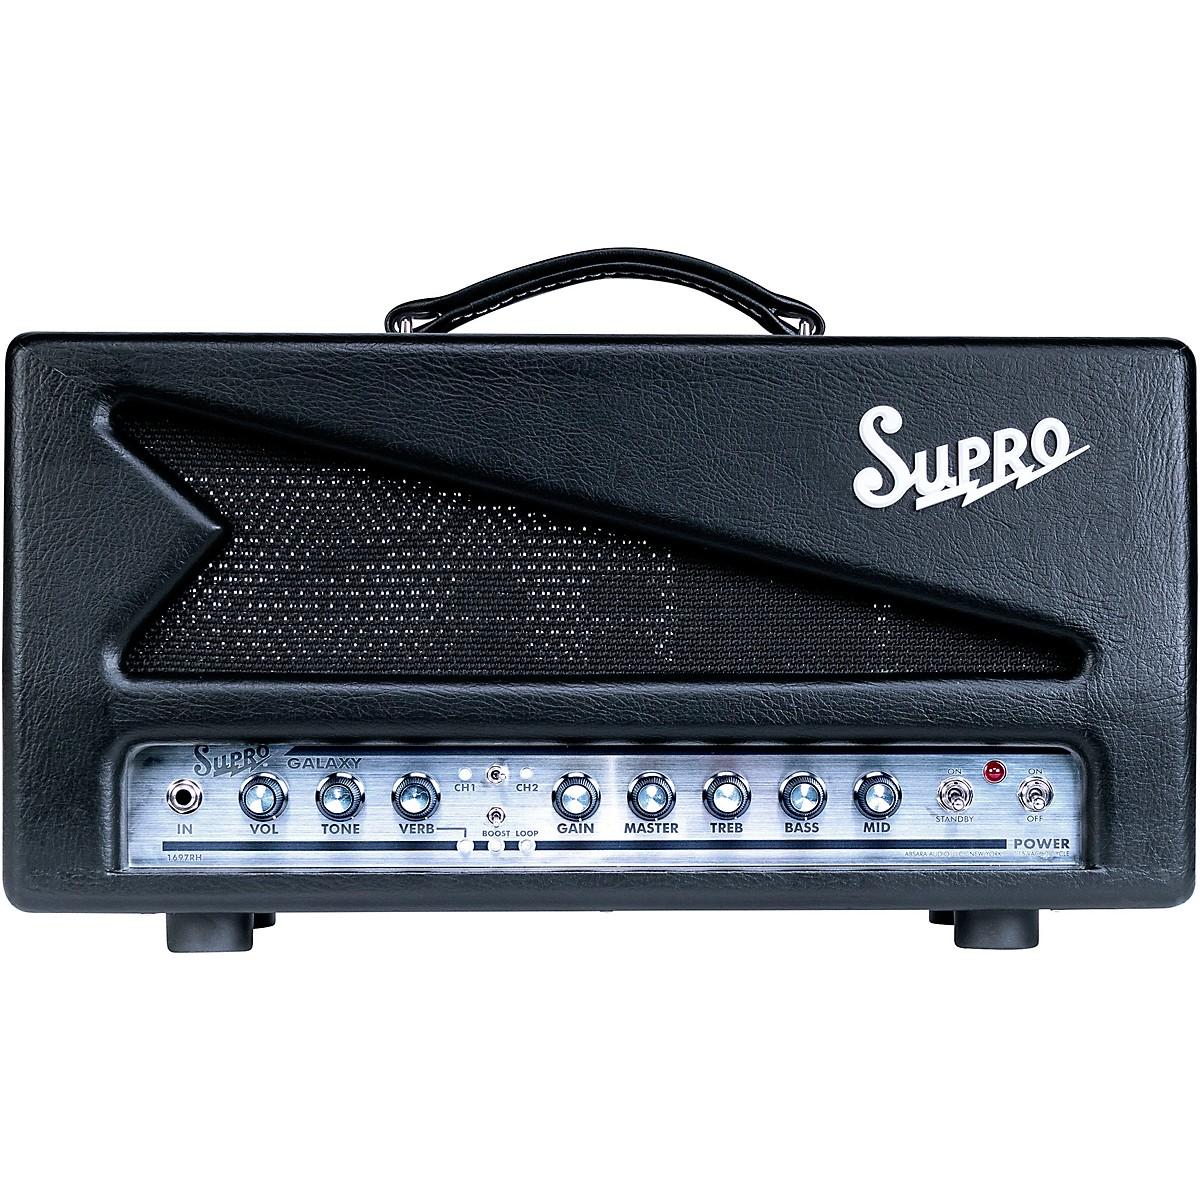 Supro 1697RH Galaxy 50W Tube Guitar Amp Head